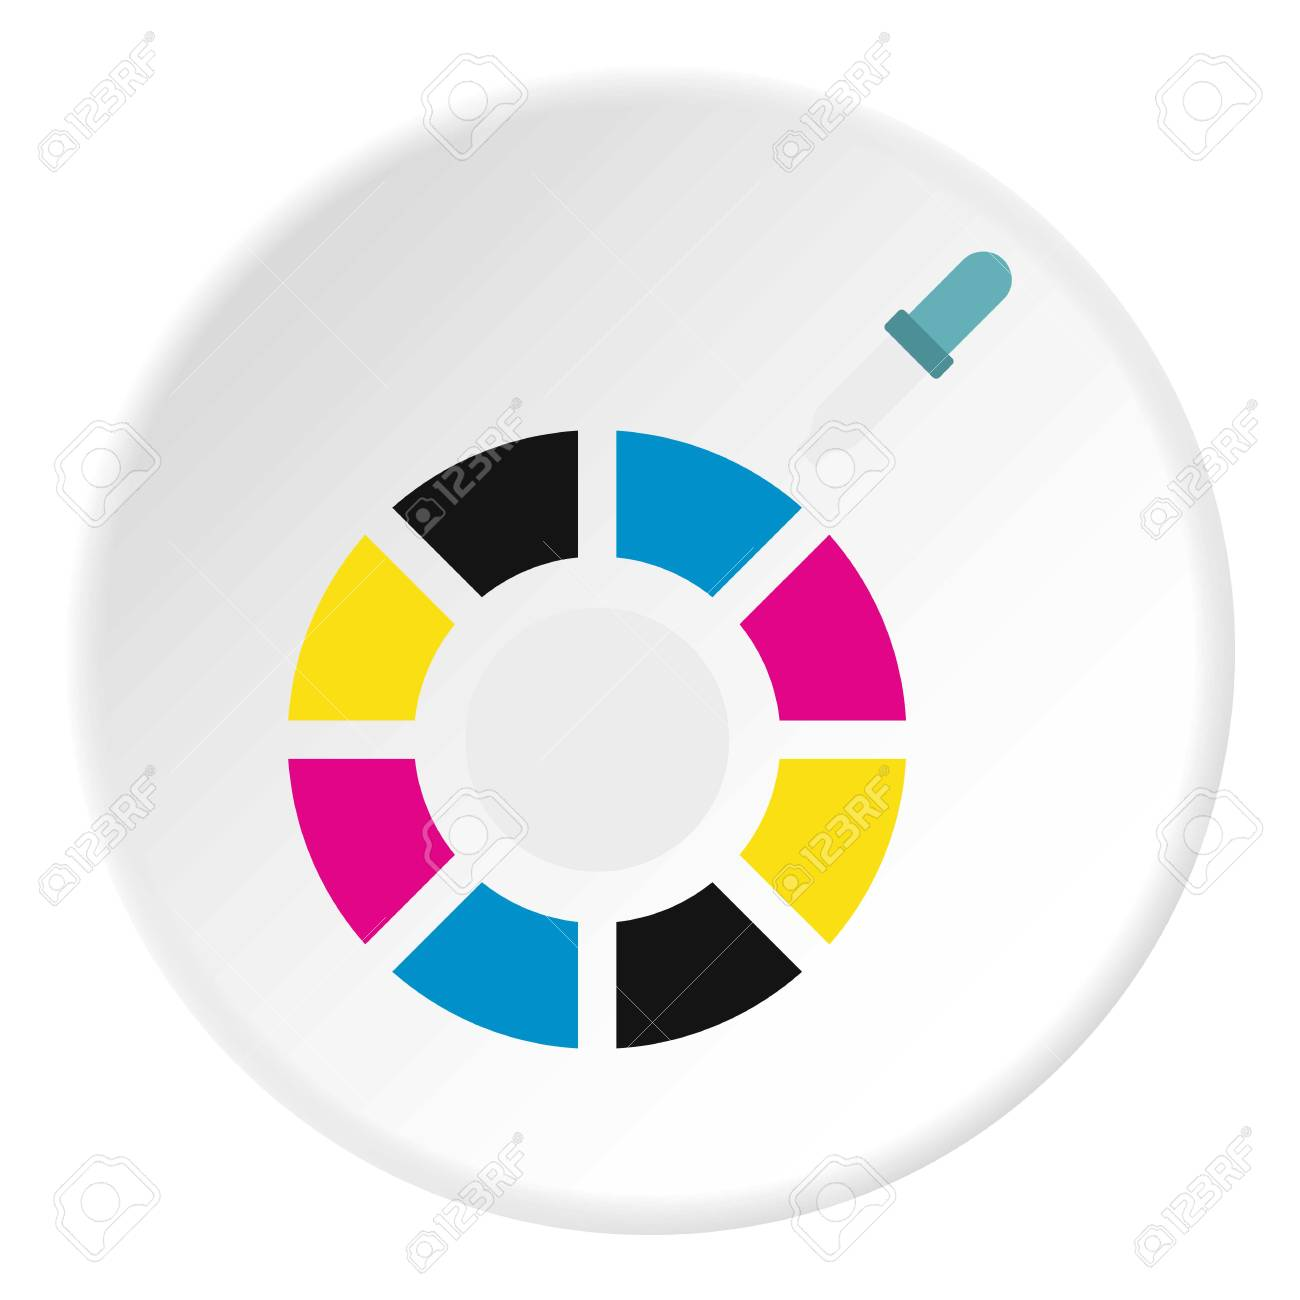 choix de la couleur icône. illustration plat de choix de vecteur de